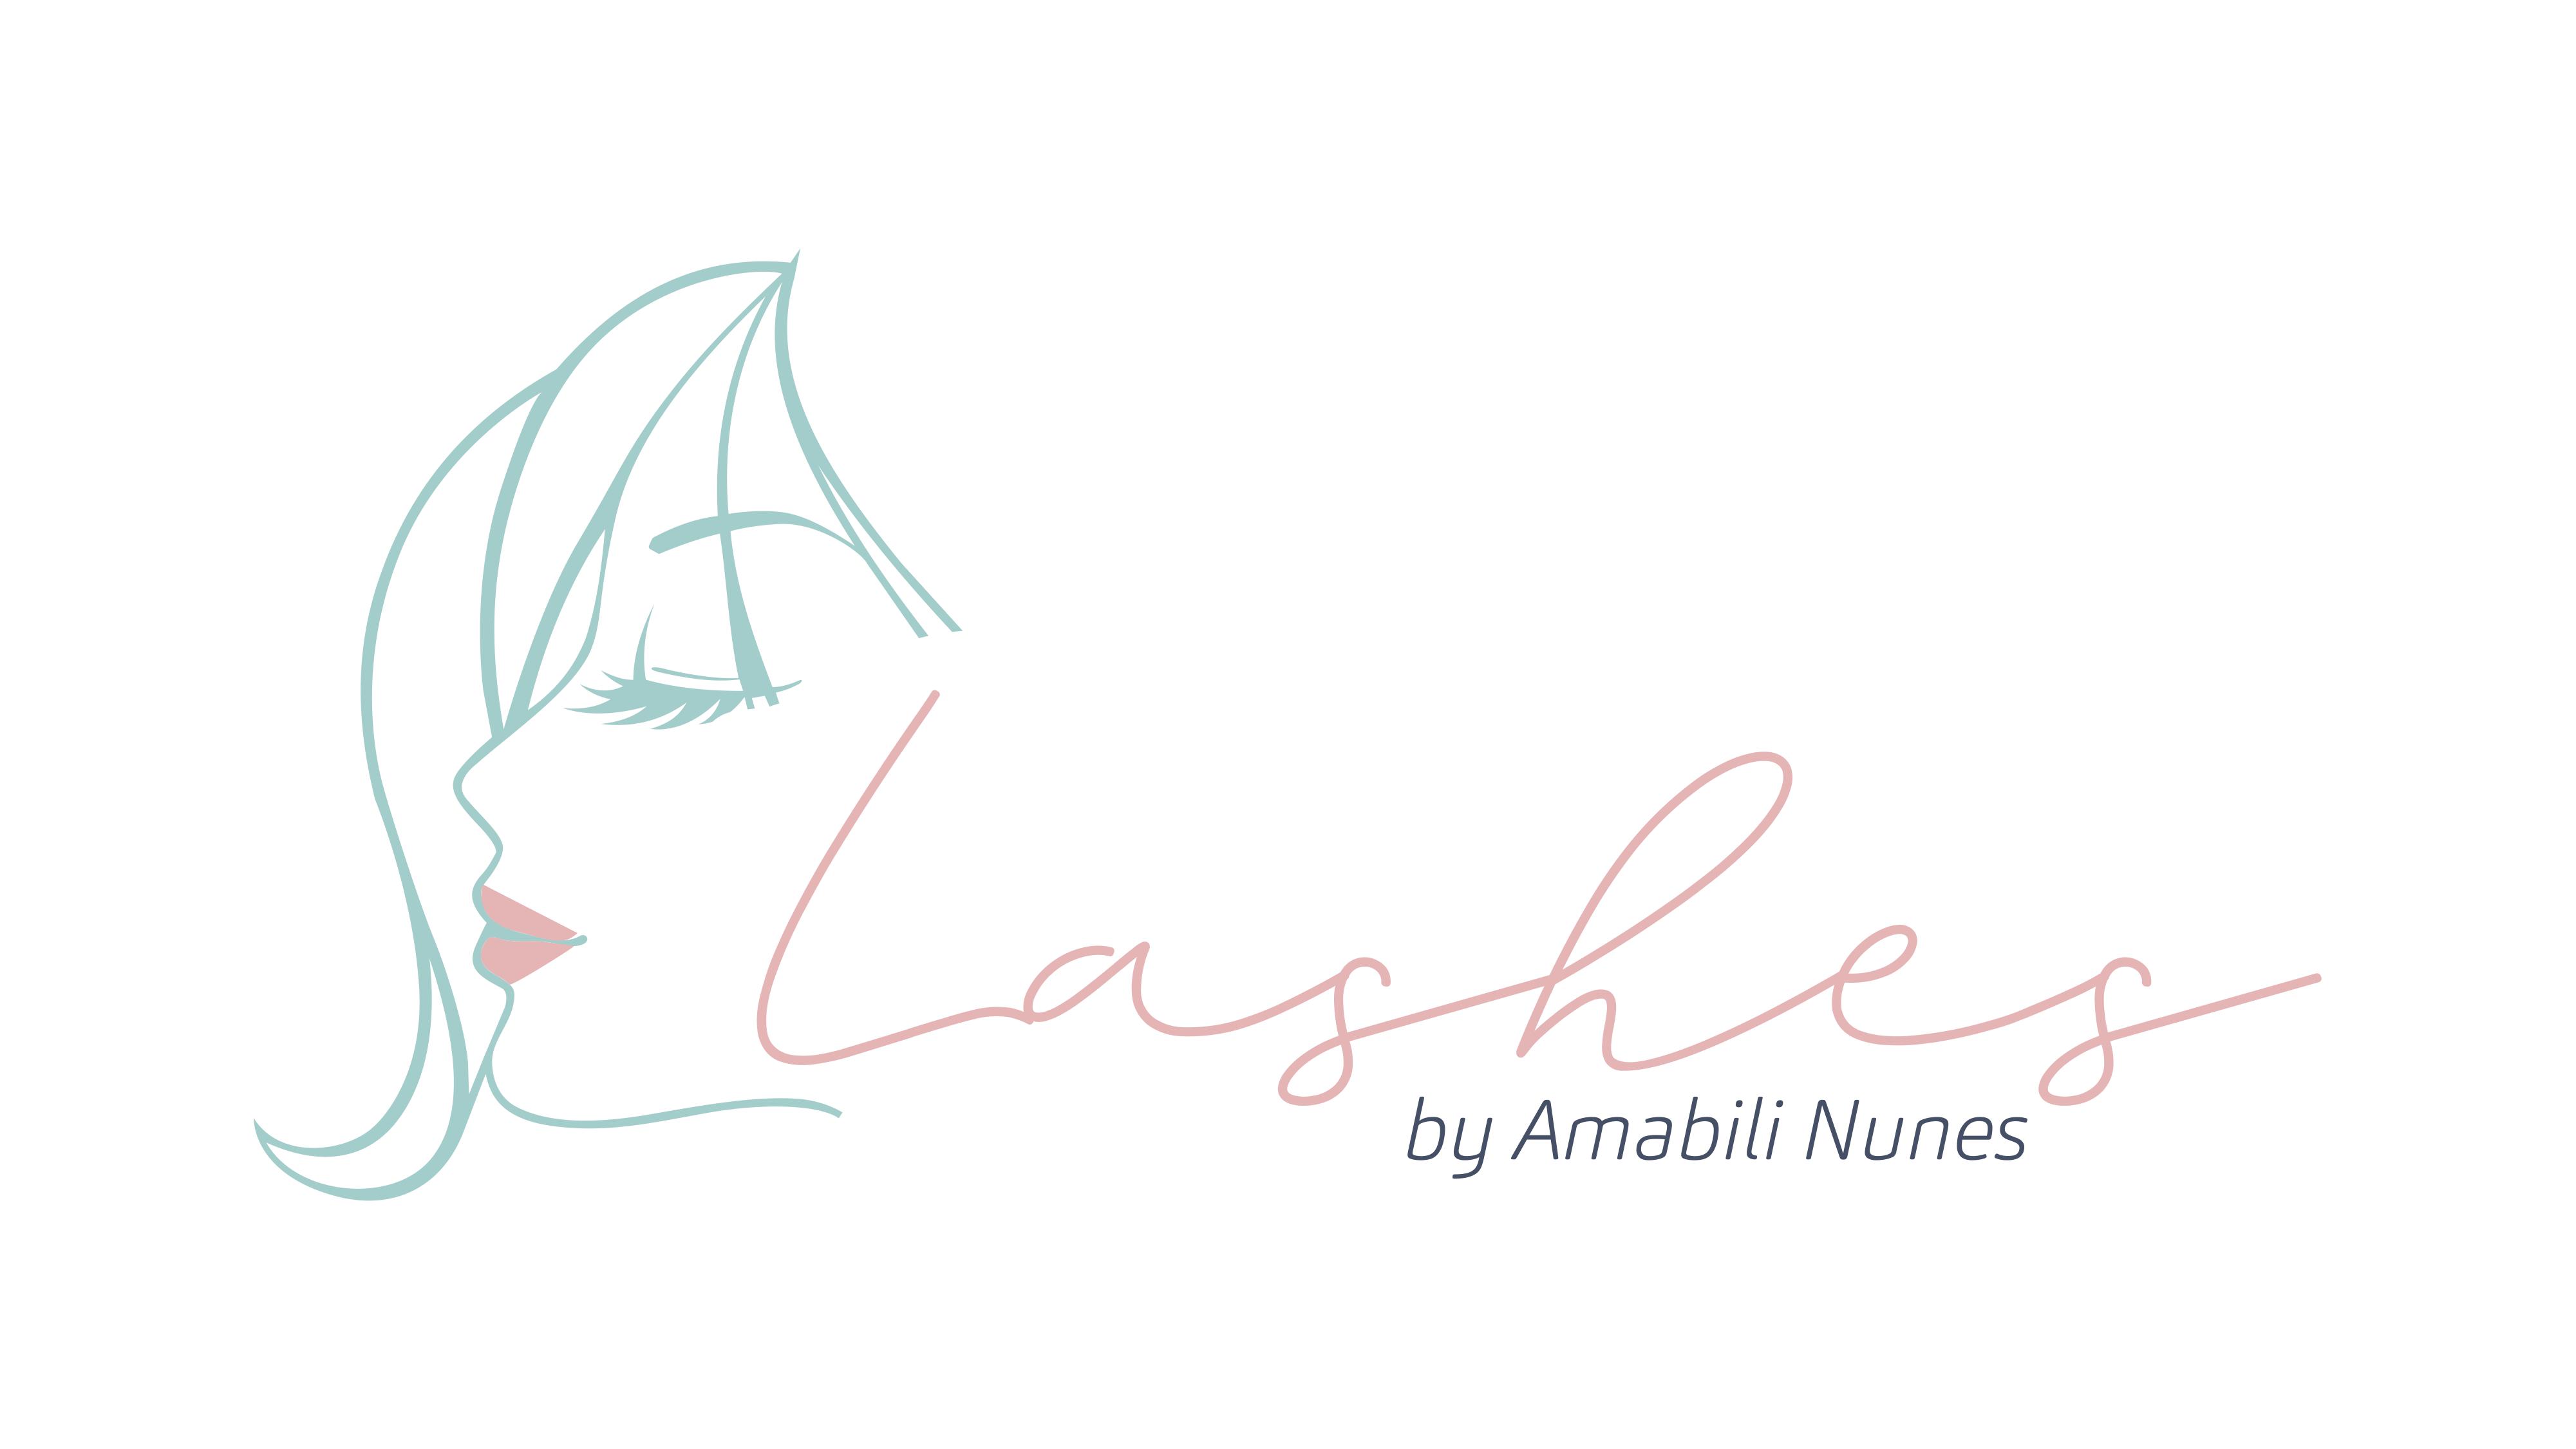 LASHES BY AMABILI NUNES